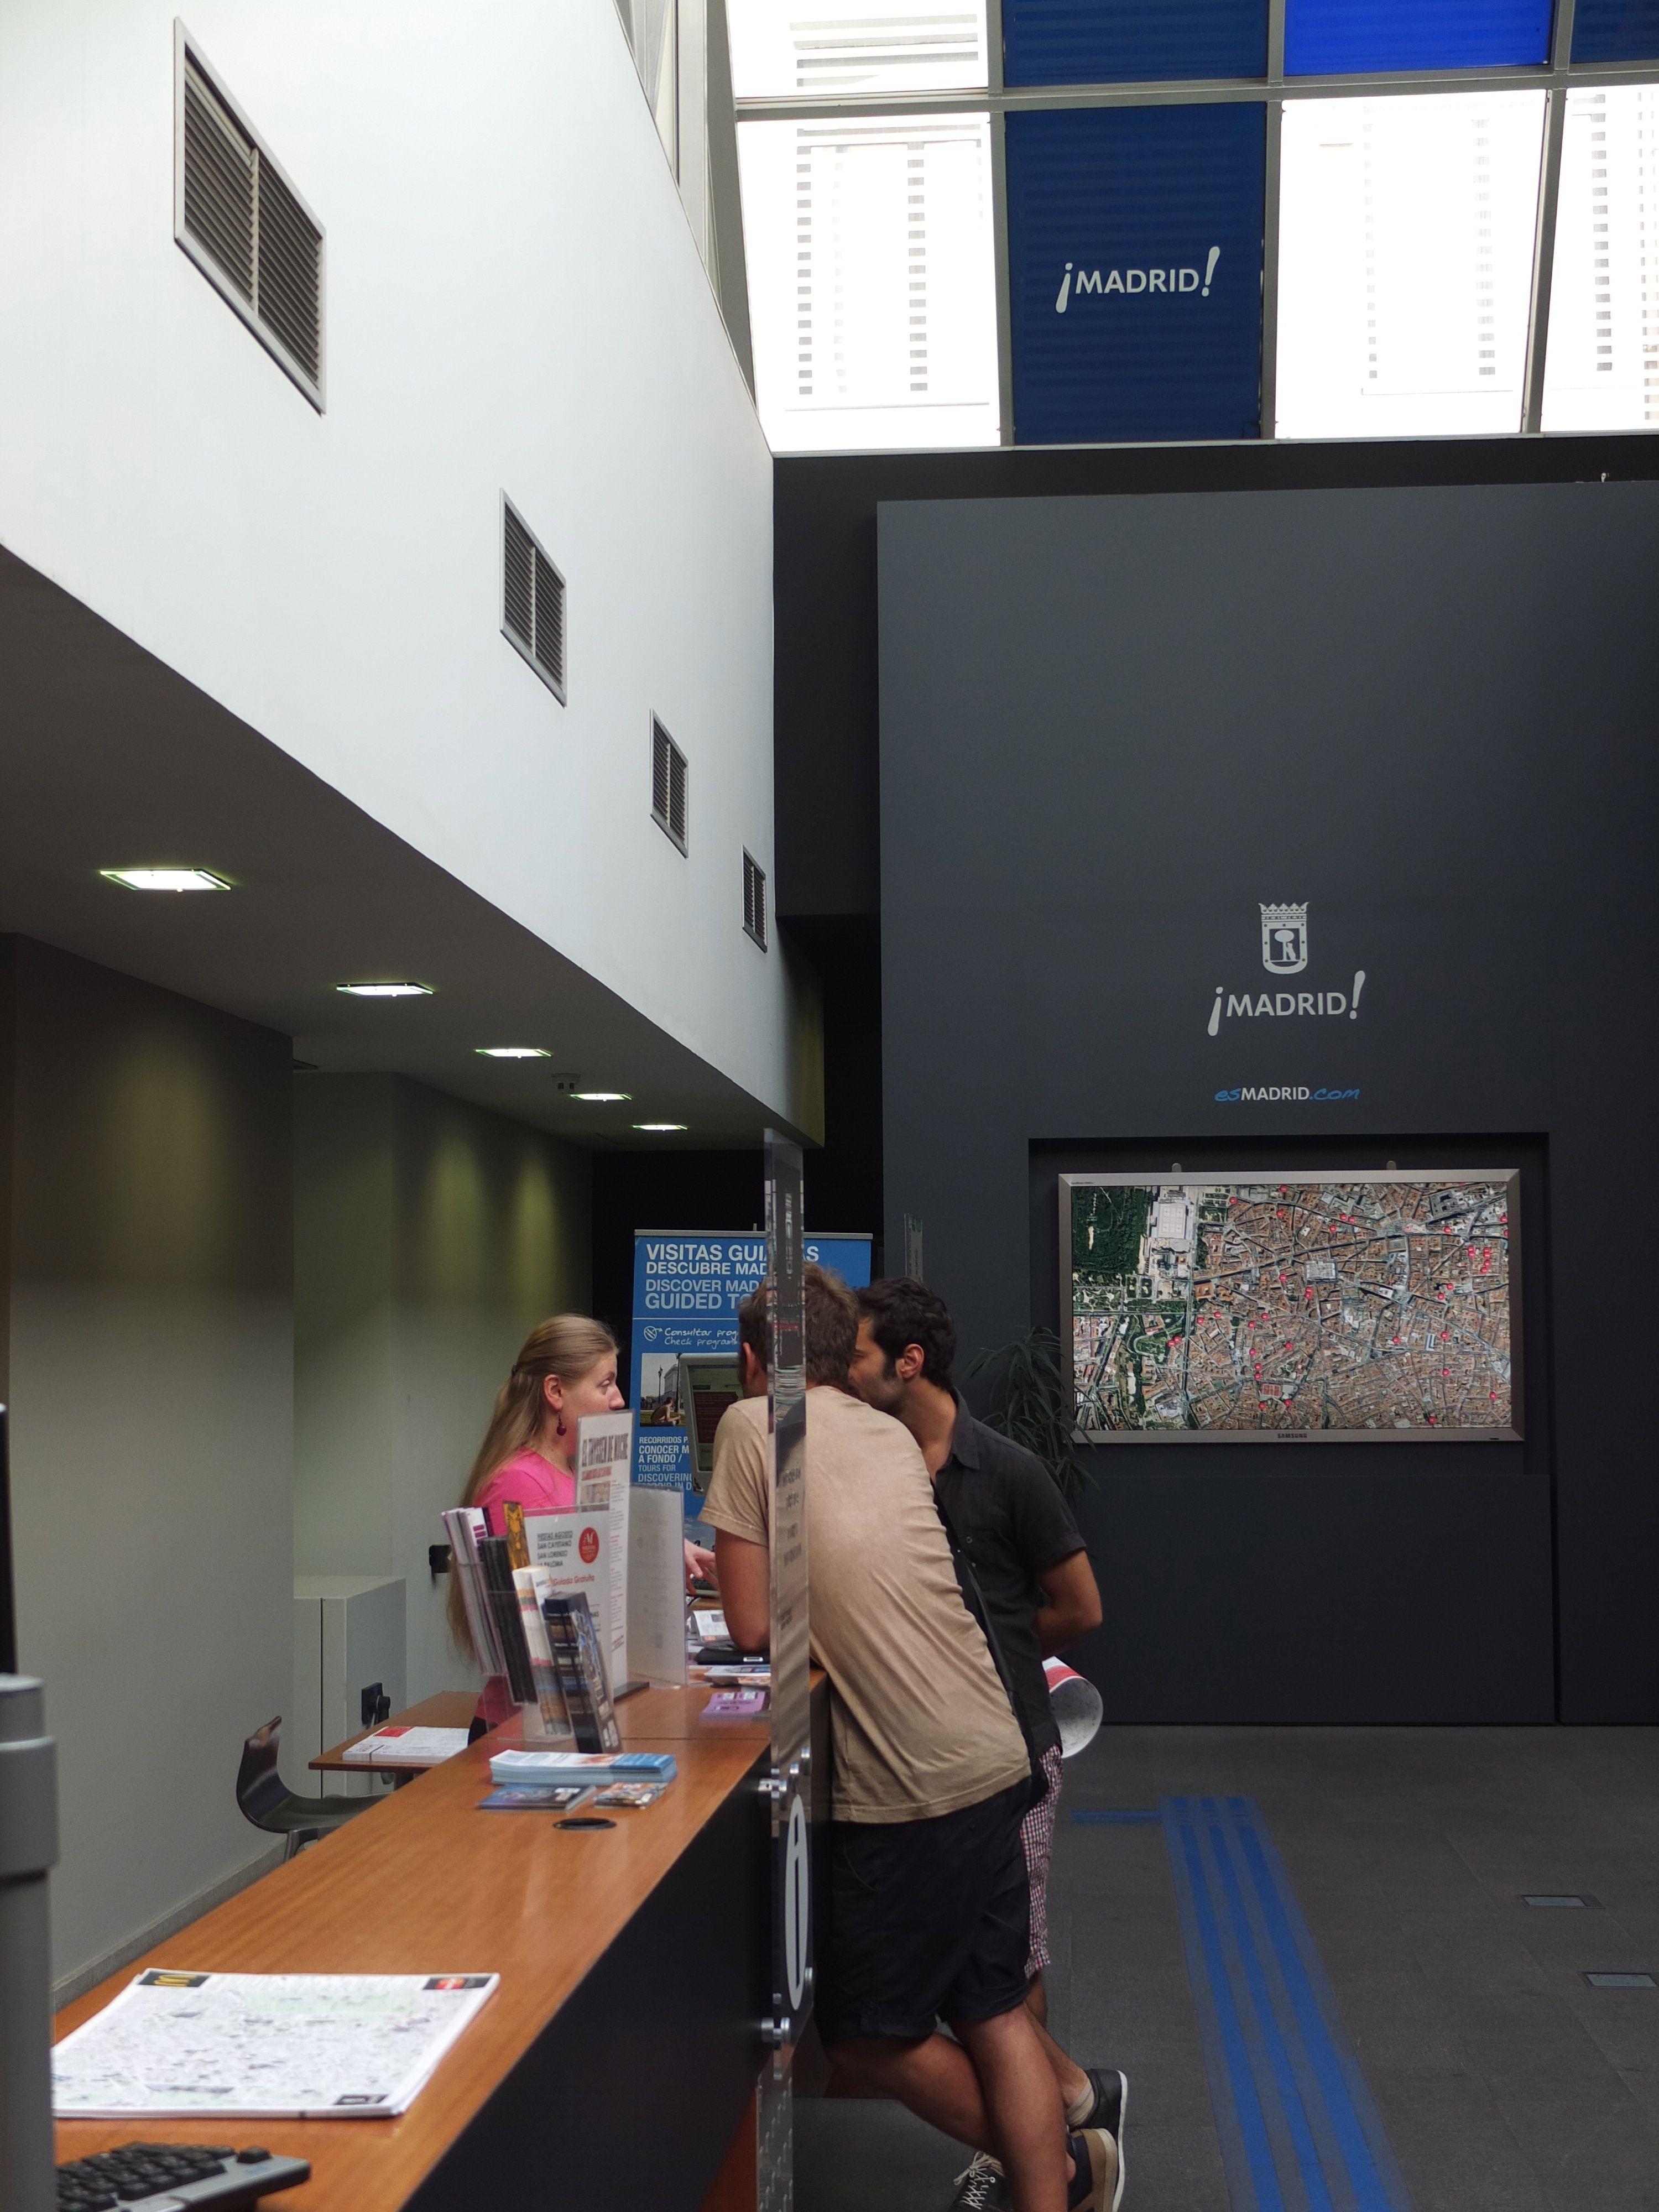 Office de tourisme de madrid espagne t 2012 tourist information - Office de tourisme espagne ...